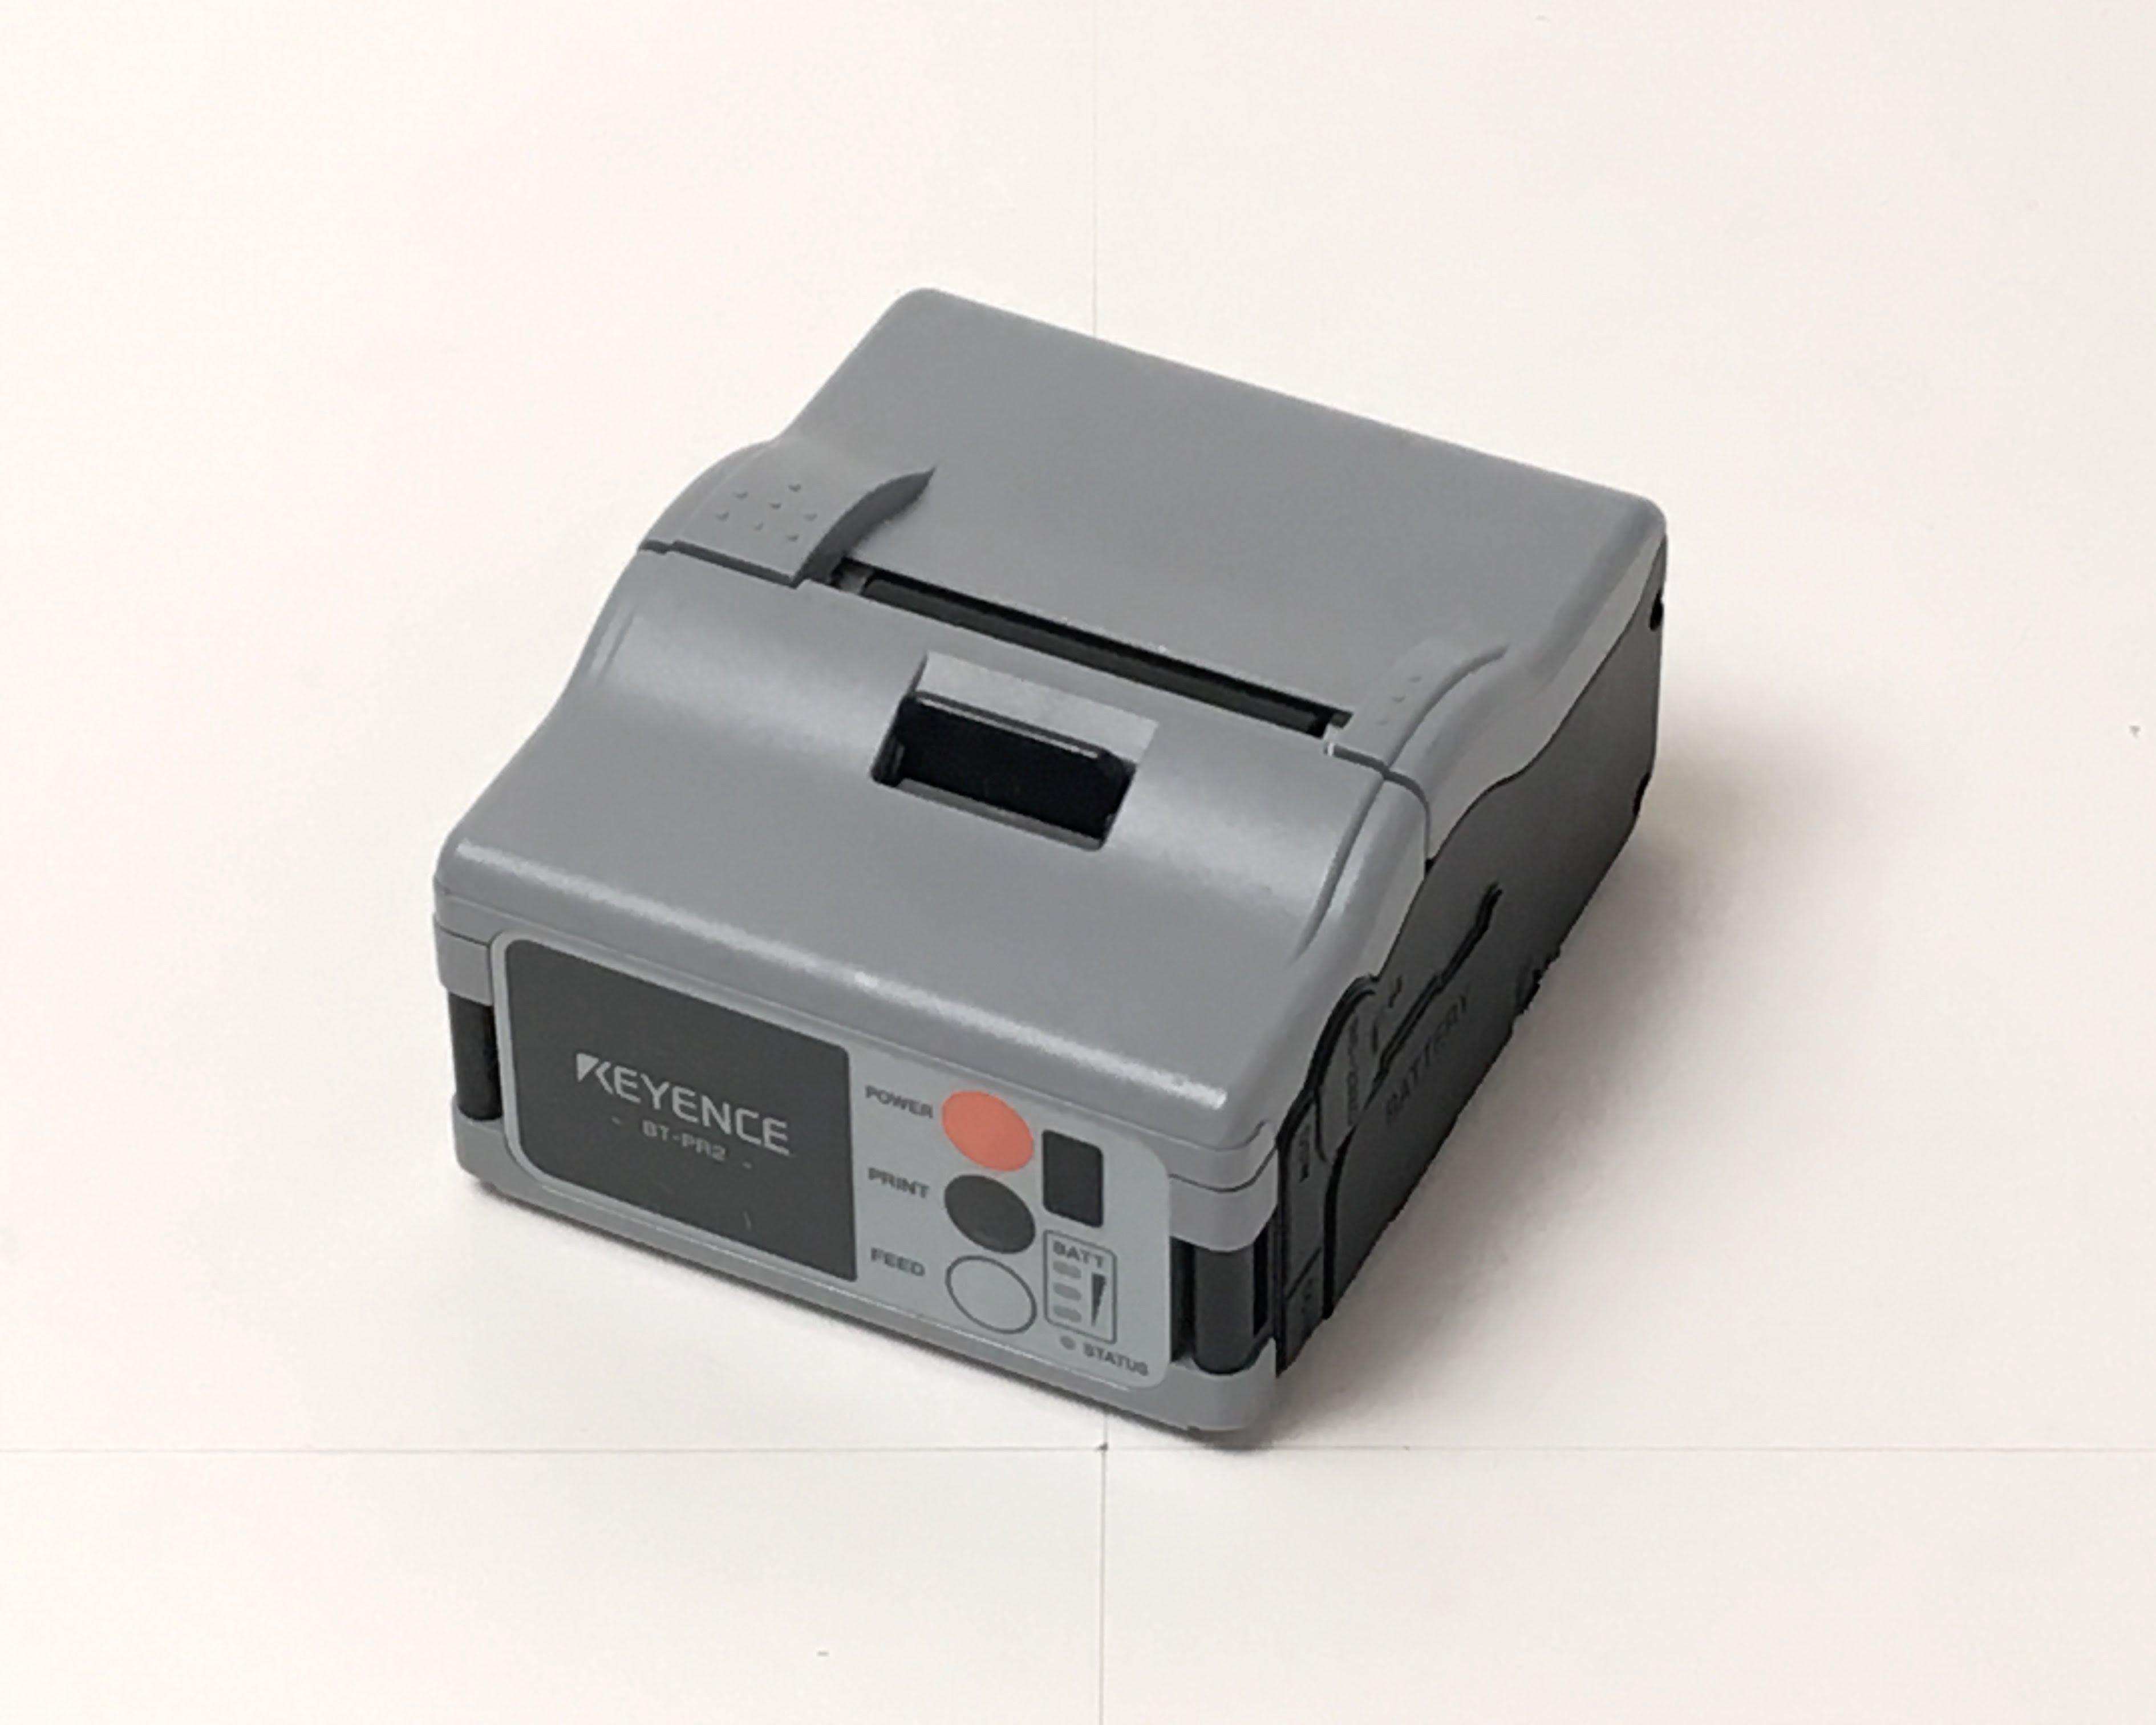 【中古】モバイルプリンター KEYENCE BT-PR2 メイン画像